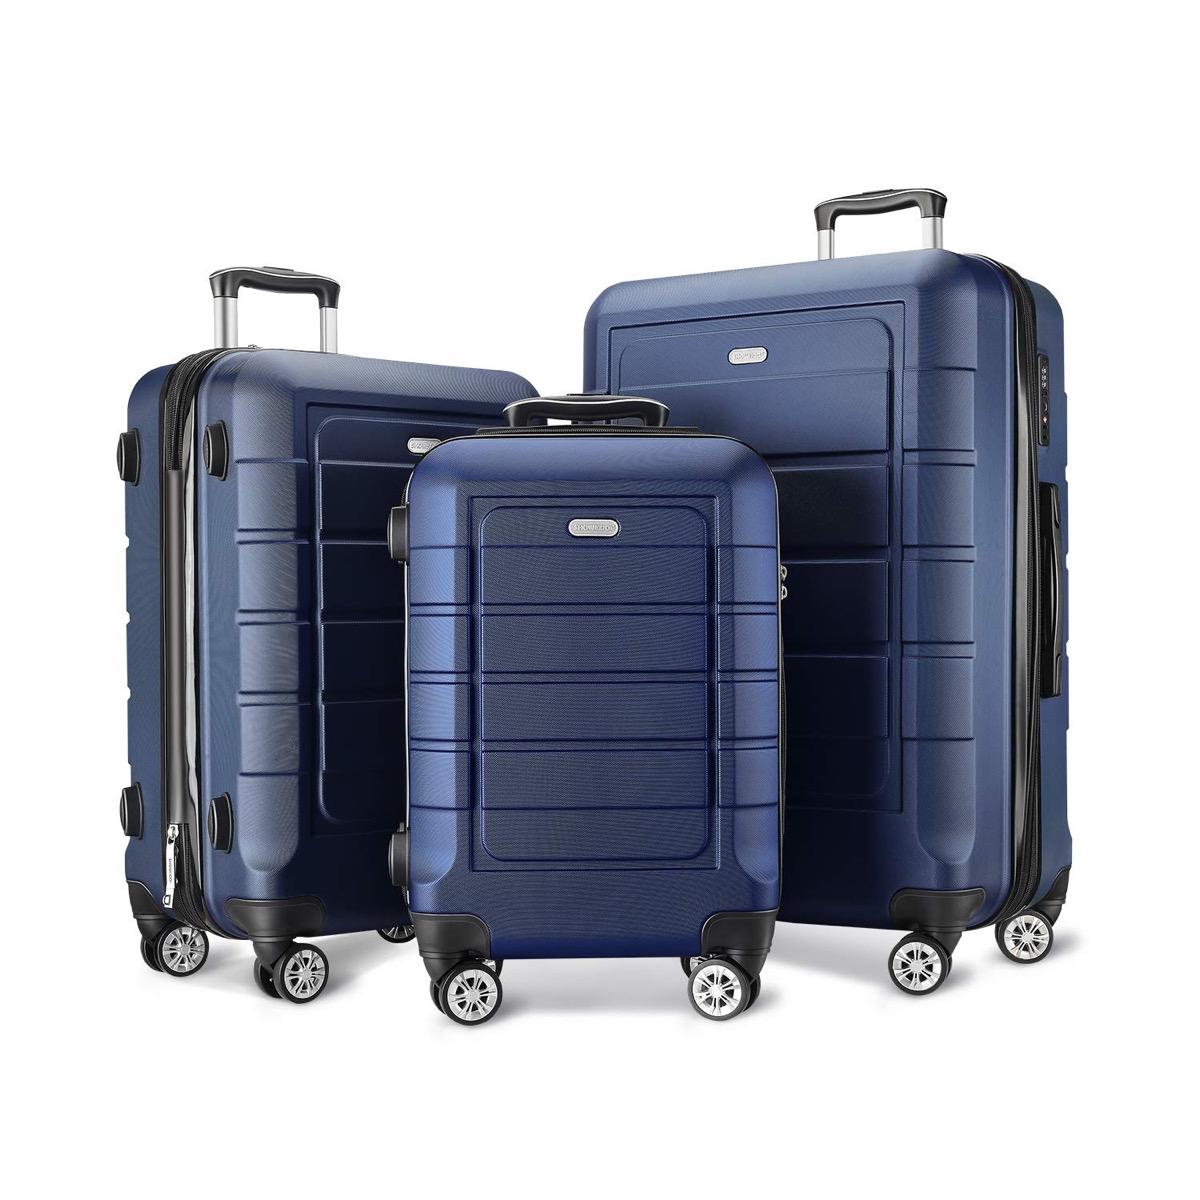 Blue luggage 3-set